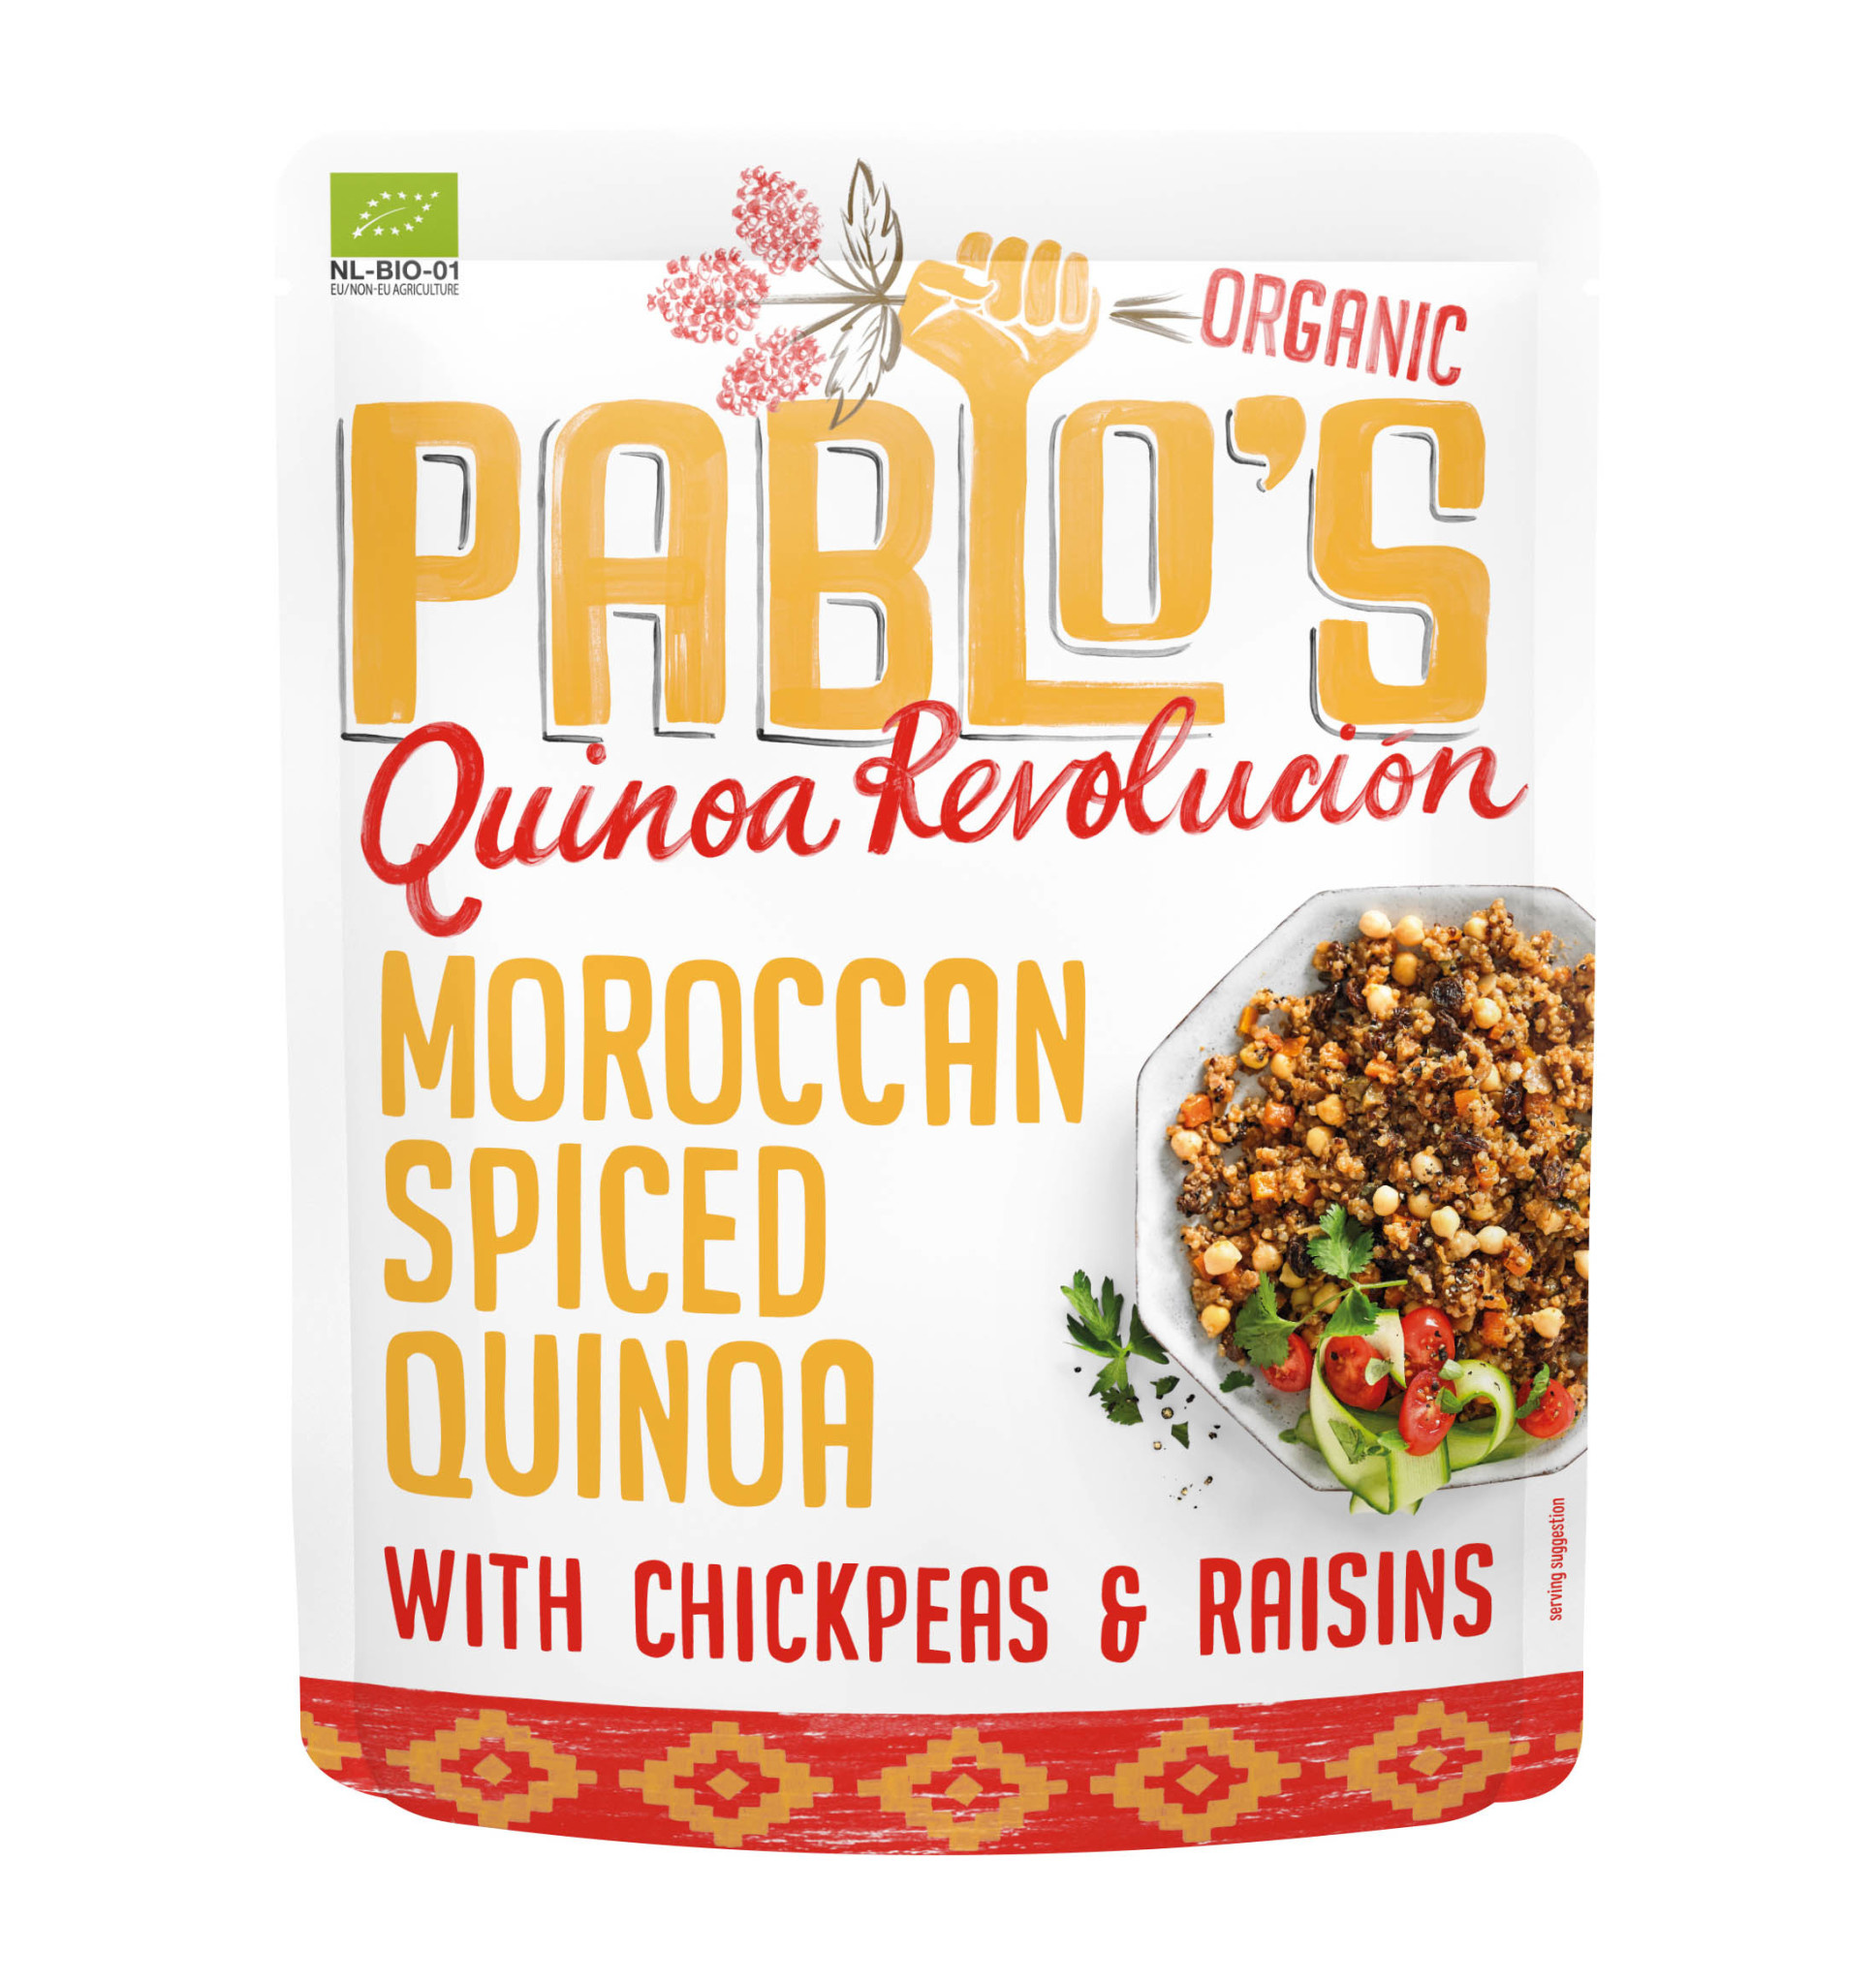 PABLO'S QUINOA PABLO'S QUINOA - Moroccan Spiced Quinoa with Chickpeas & Raisins